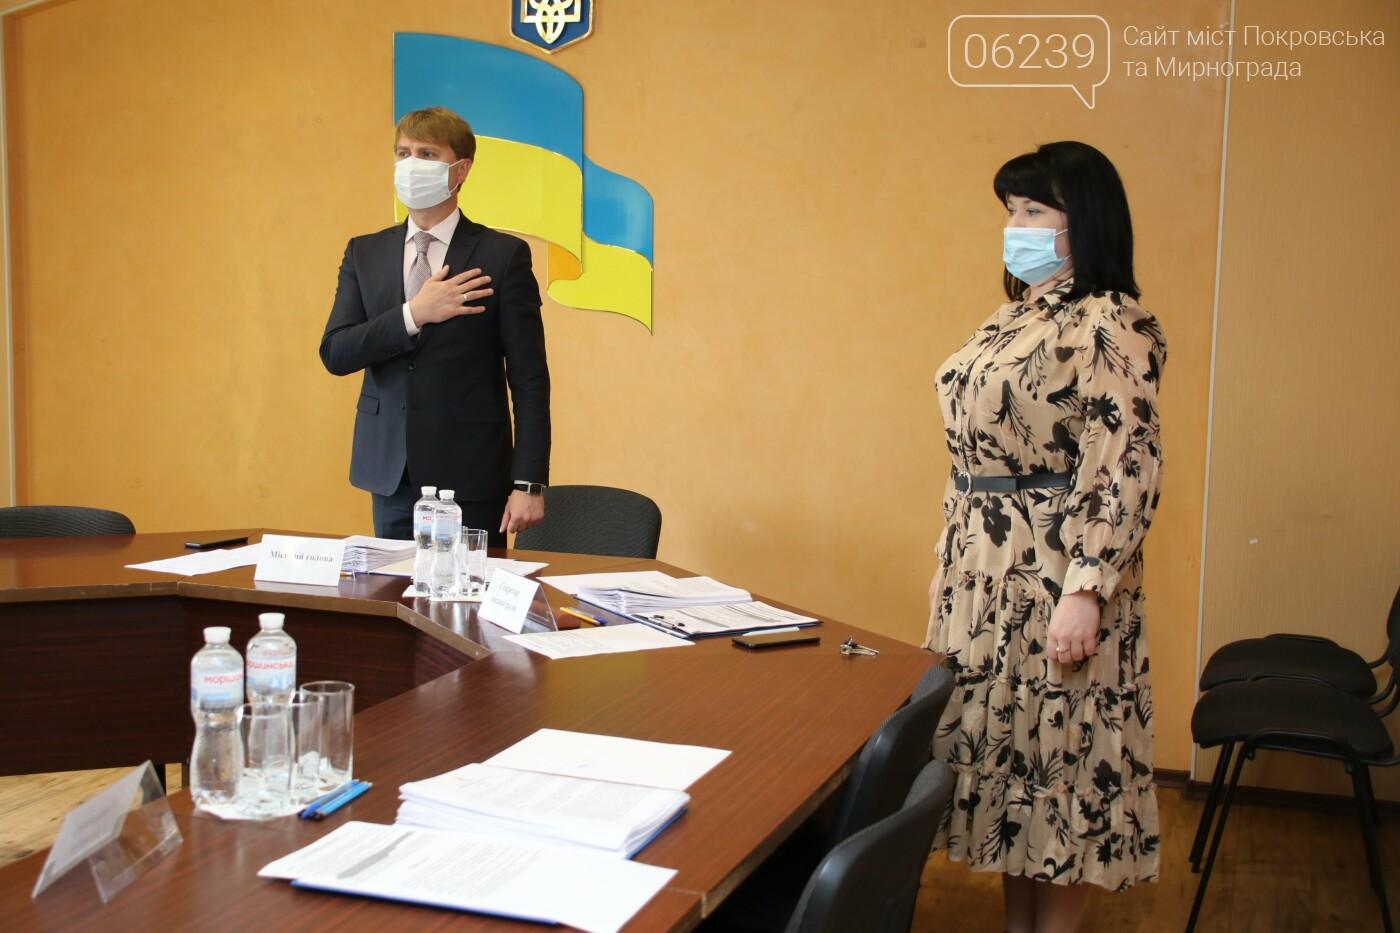 Вопросы благоустройства города и местного бюджета: в Мирнограде состоялась сессия городского совета, фото-4